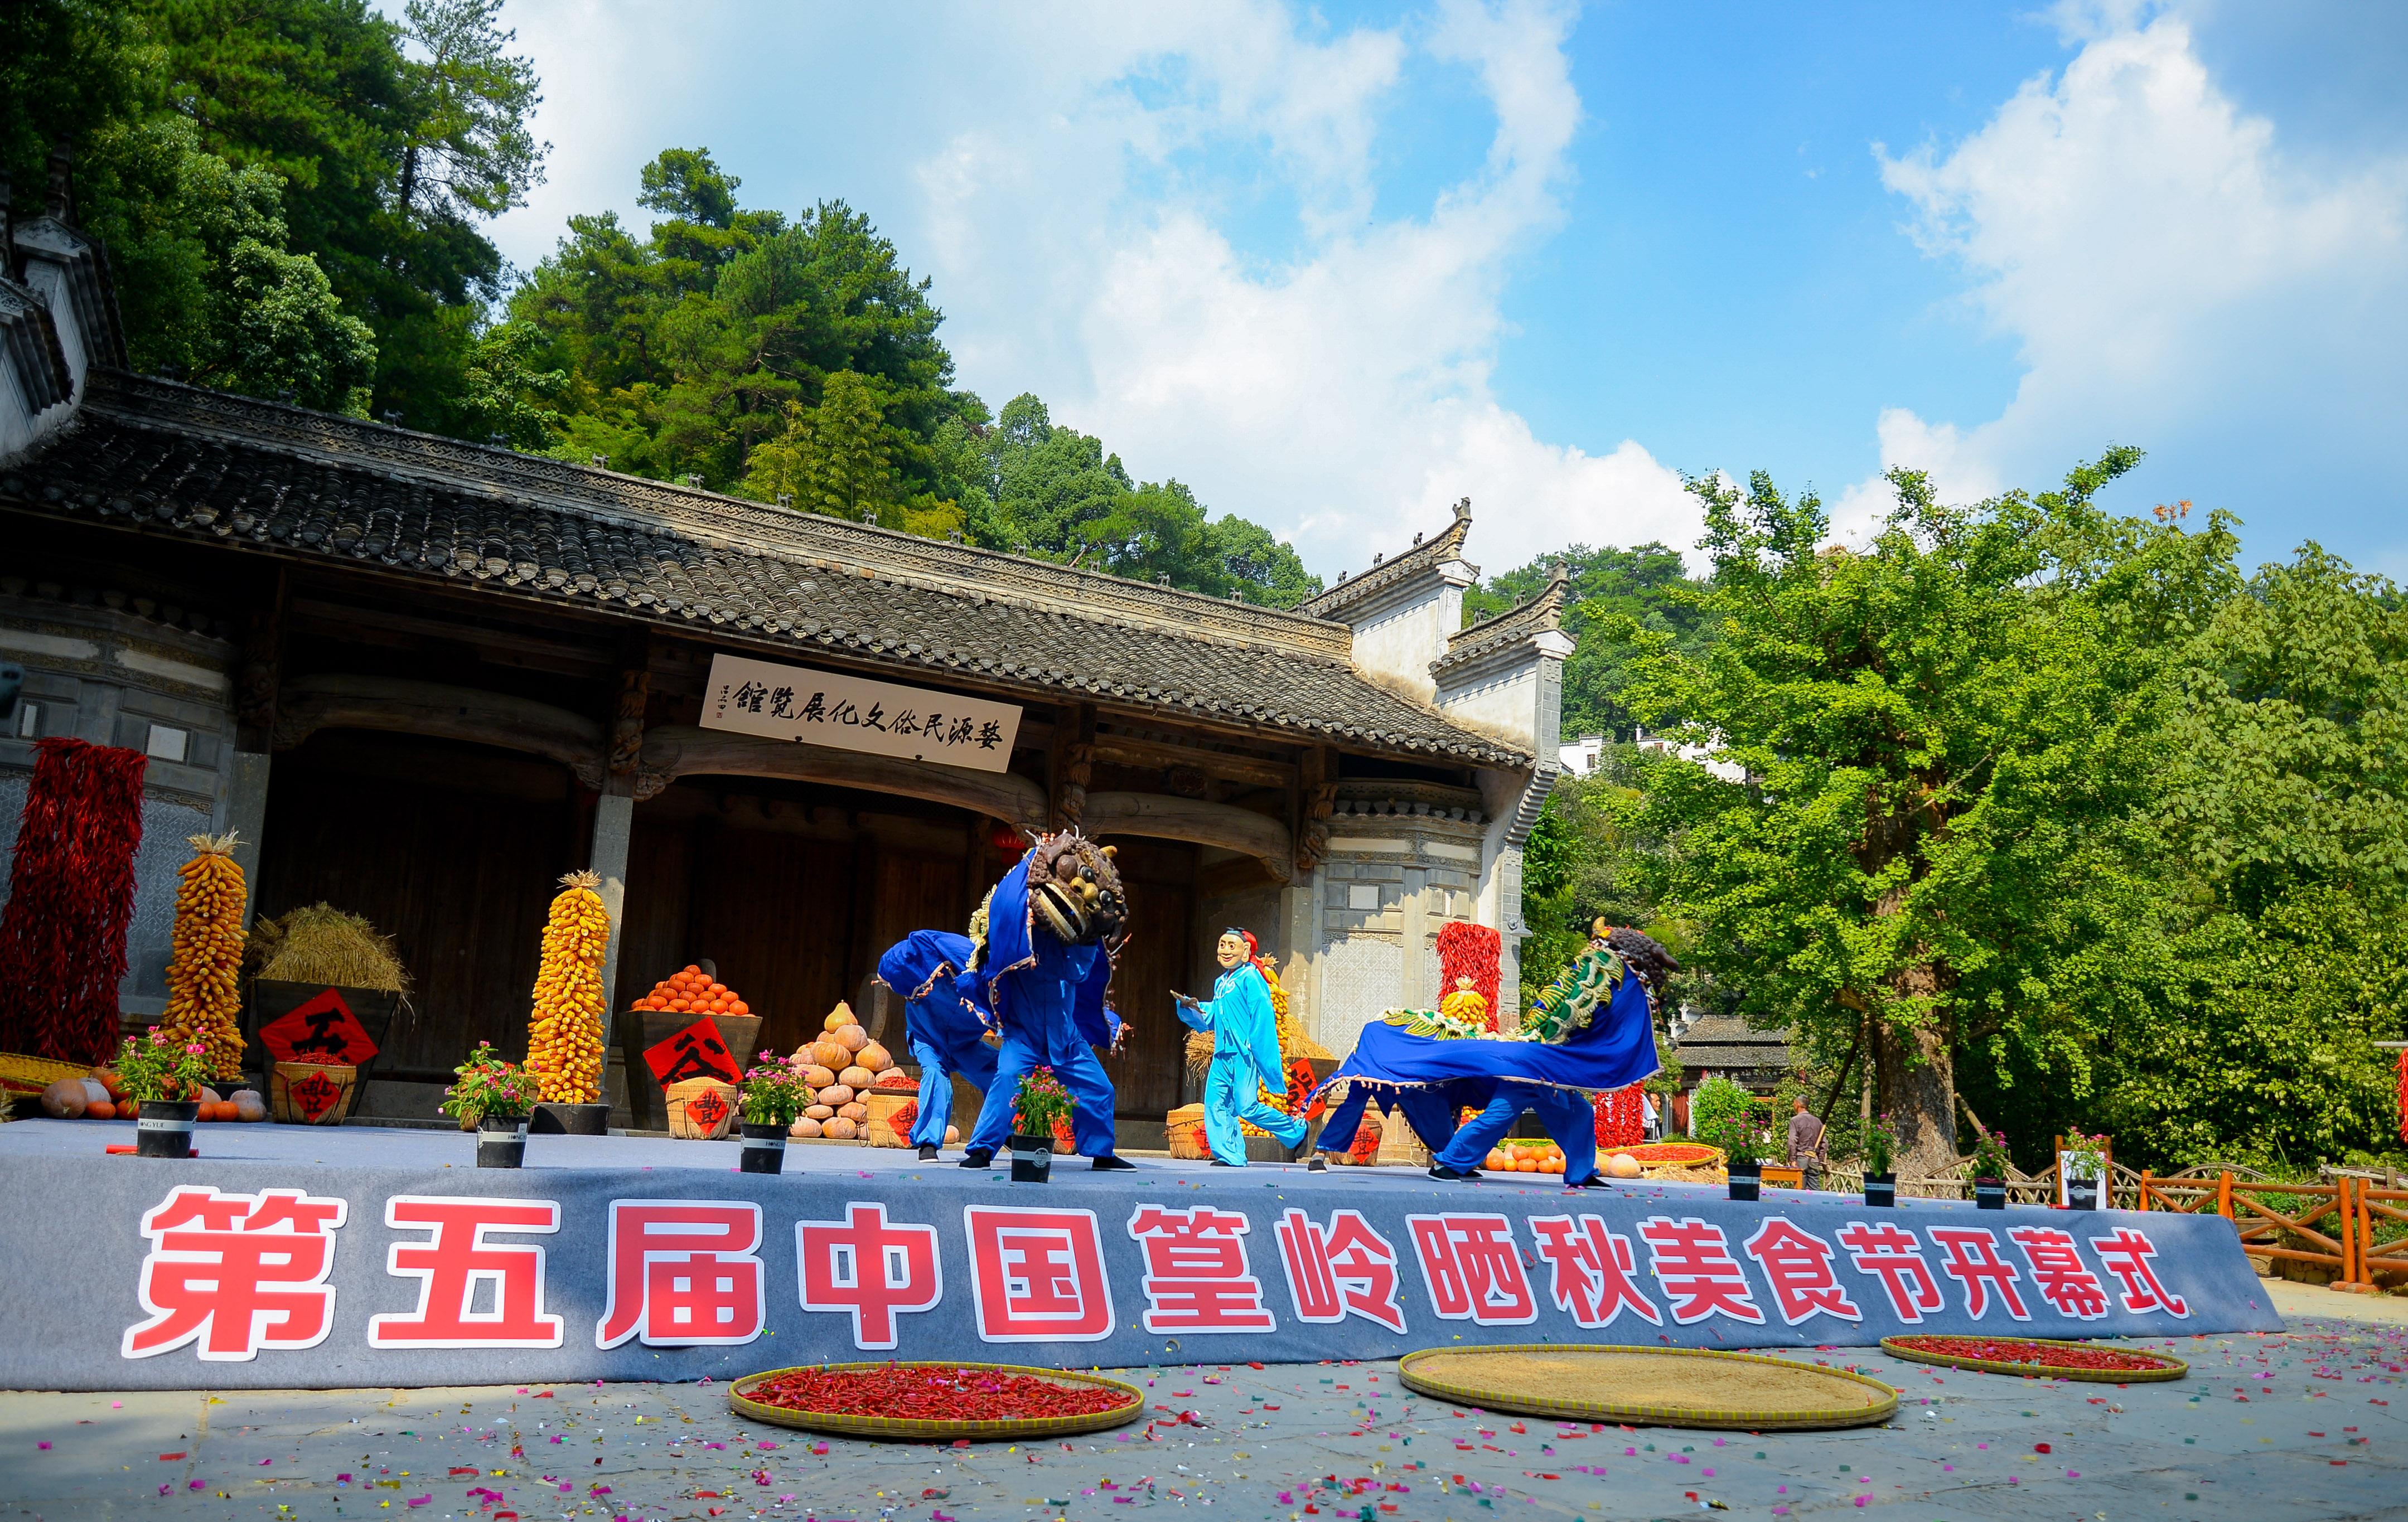 江西婺源篁岭为期三个月的晒秋节大幕拉开